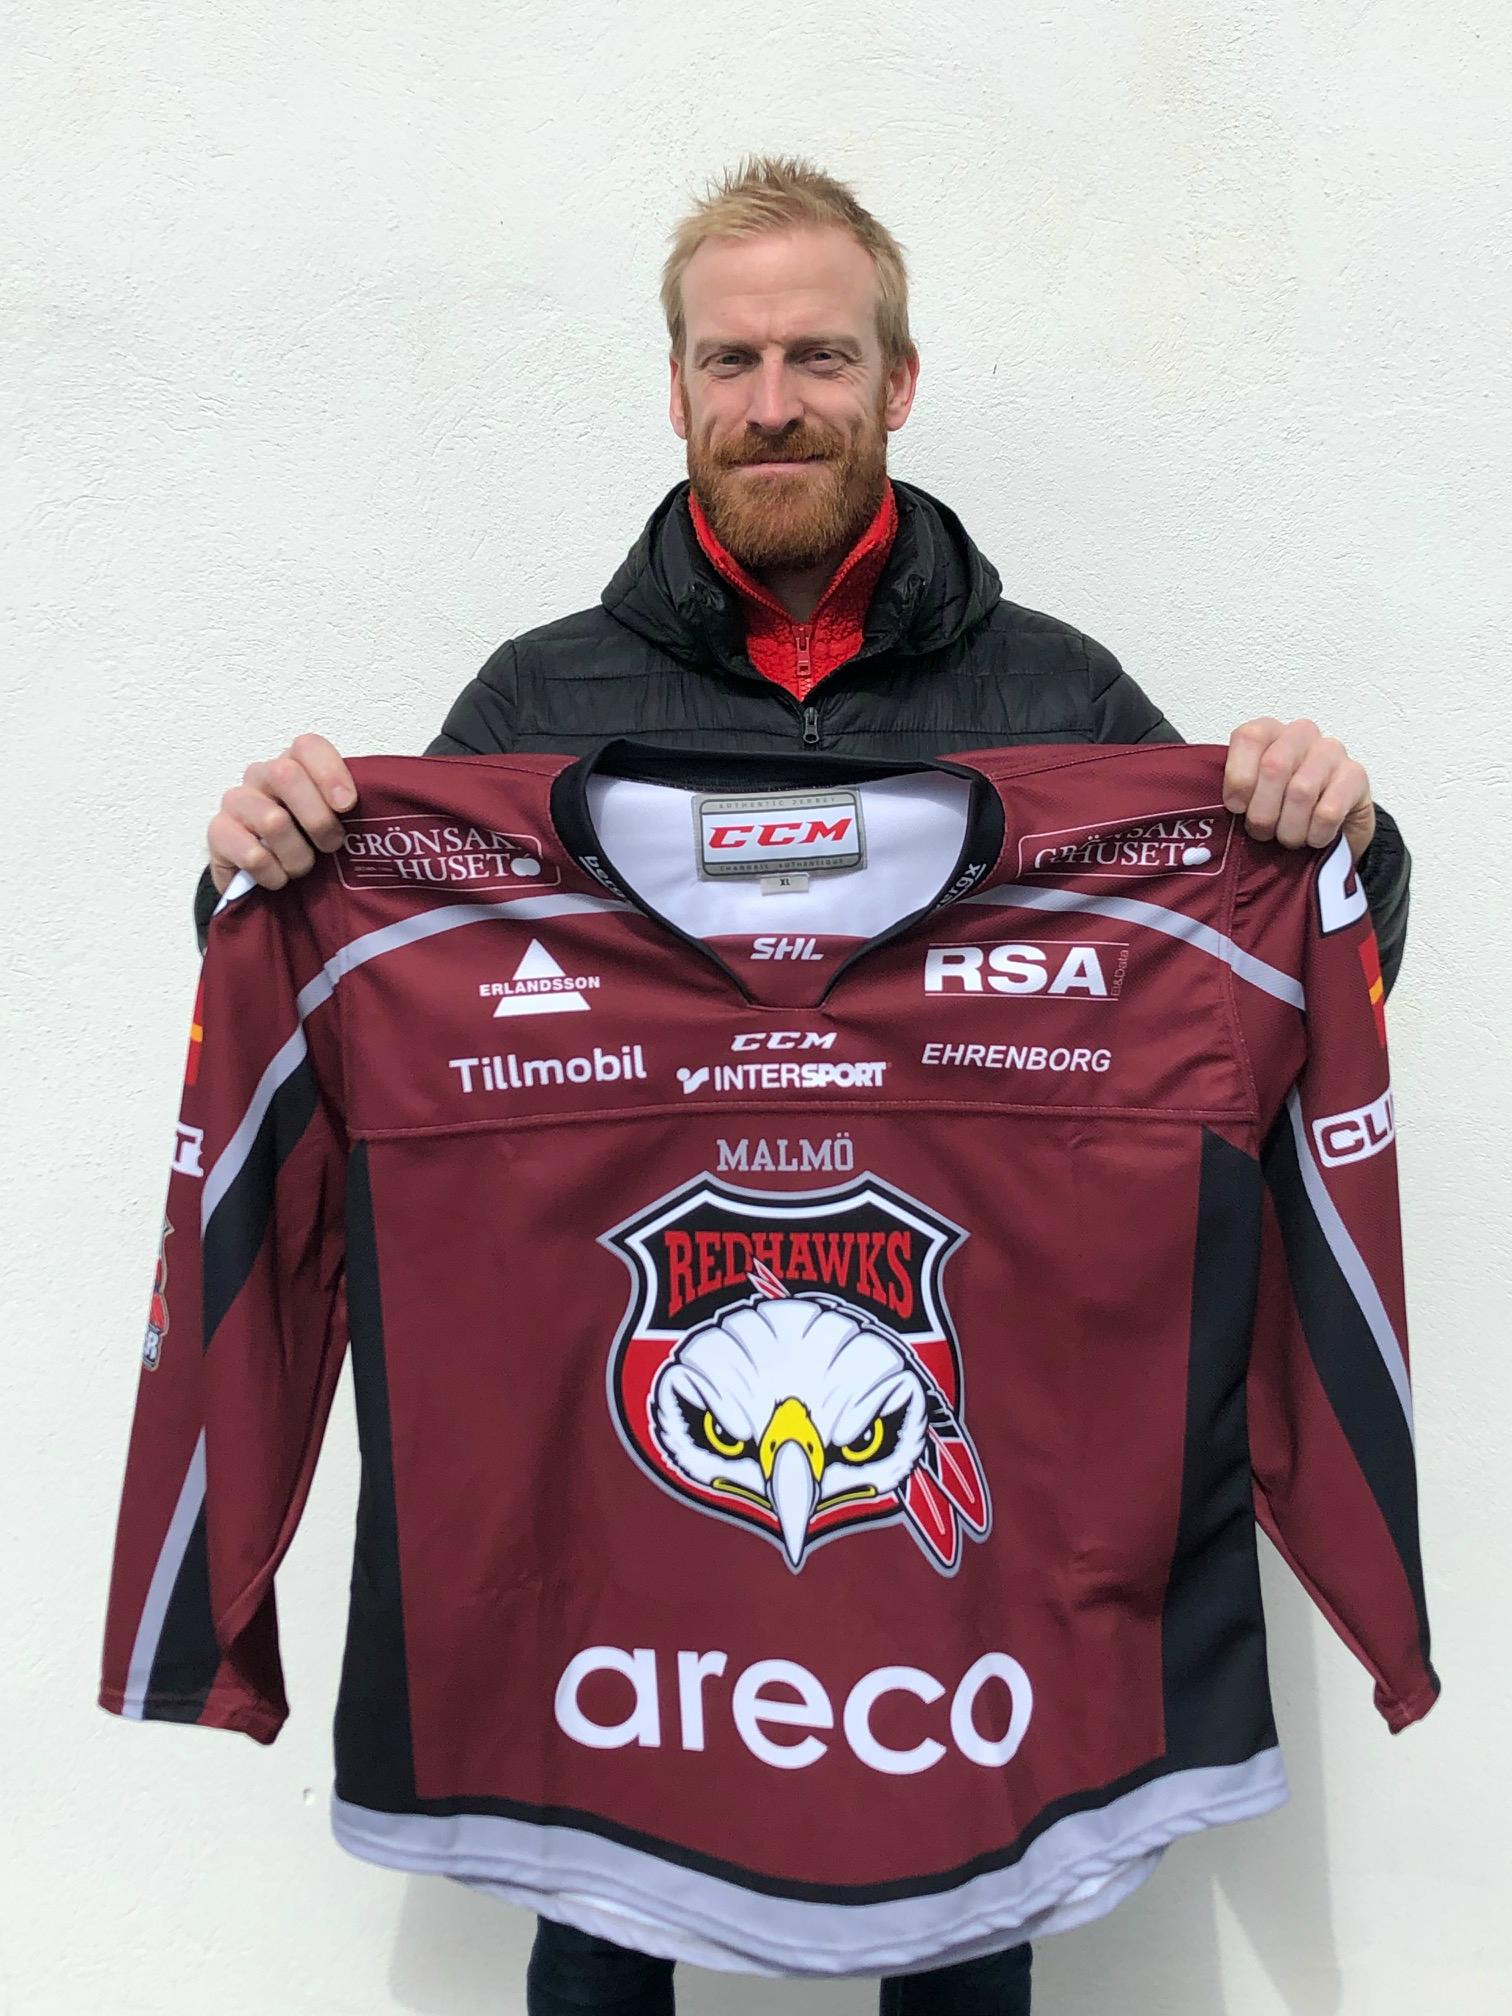 Jens Olssons Signerad Matchtröja från Movembermatchen 2019